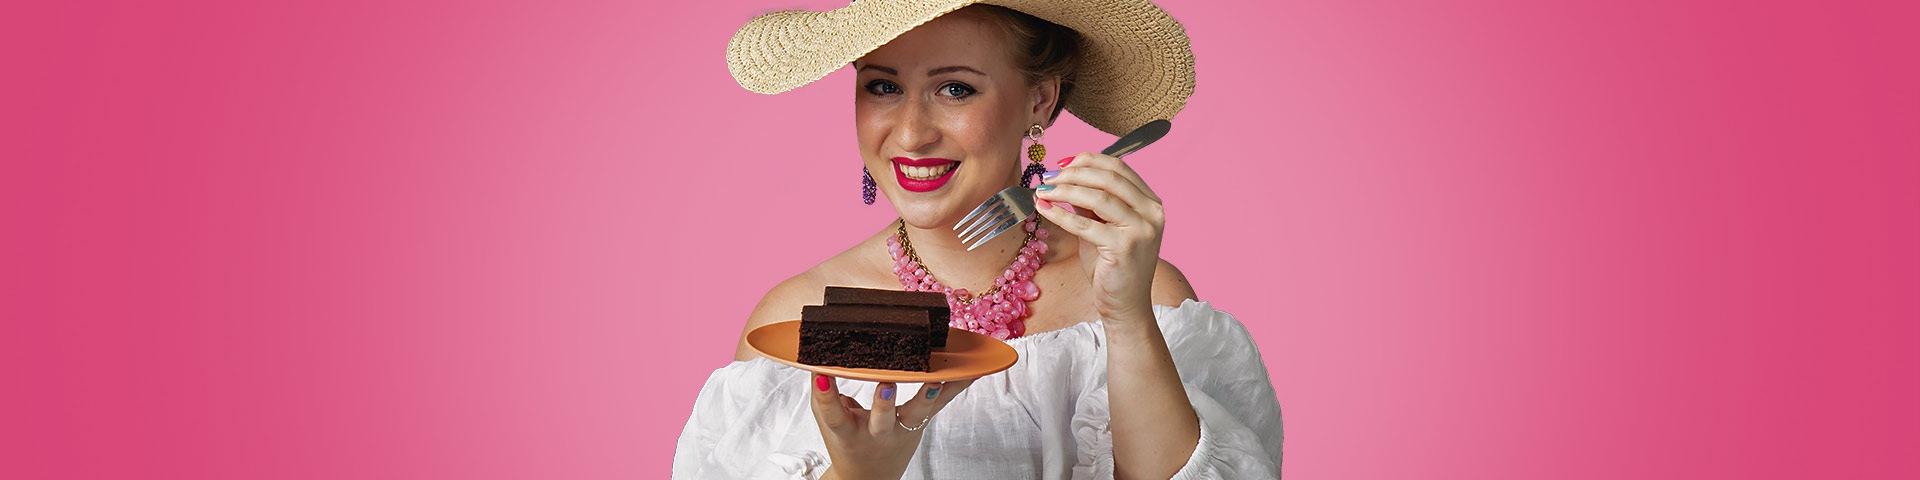 Brownies op ambachtelijke wijze gemaakt | Donuts + Bagels